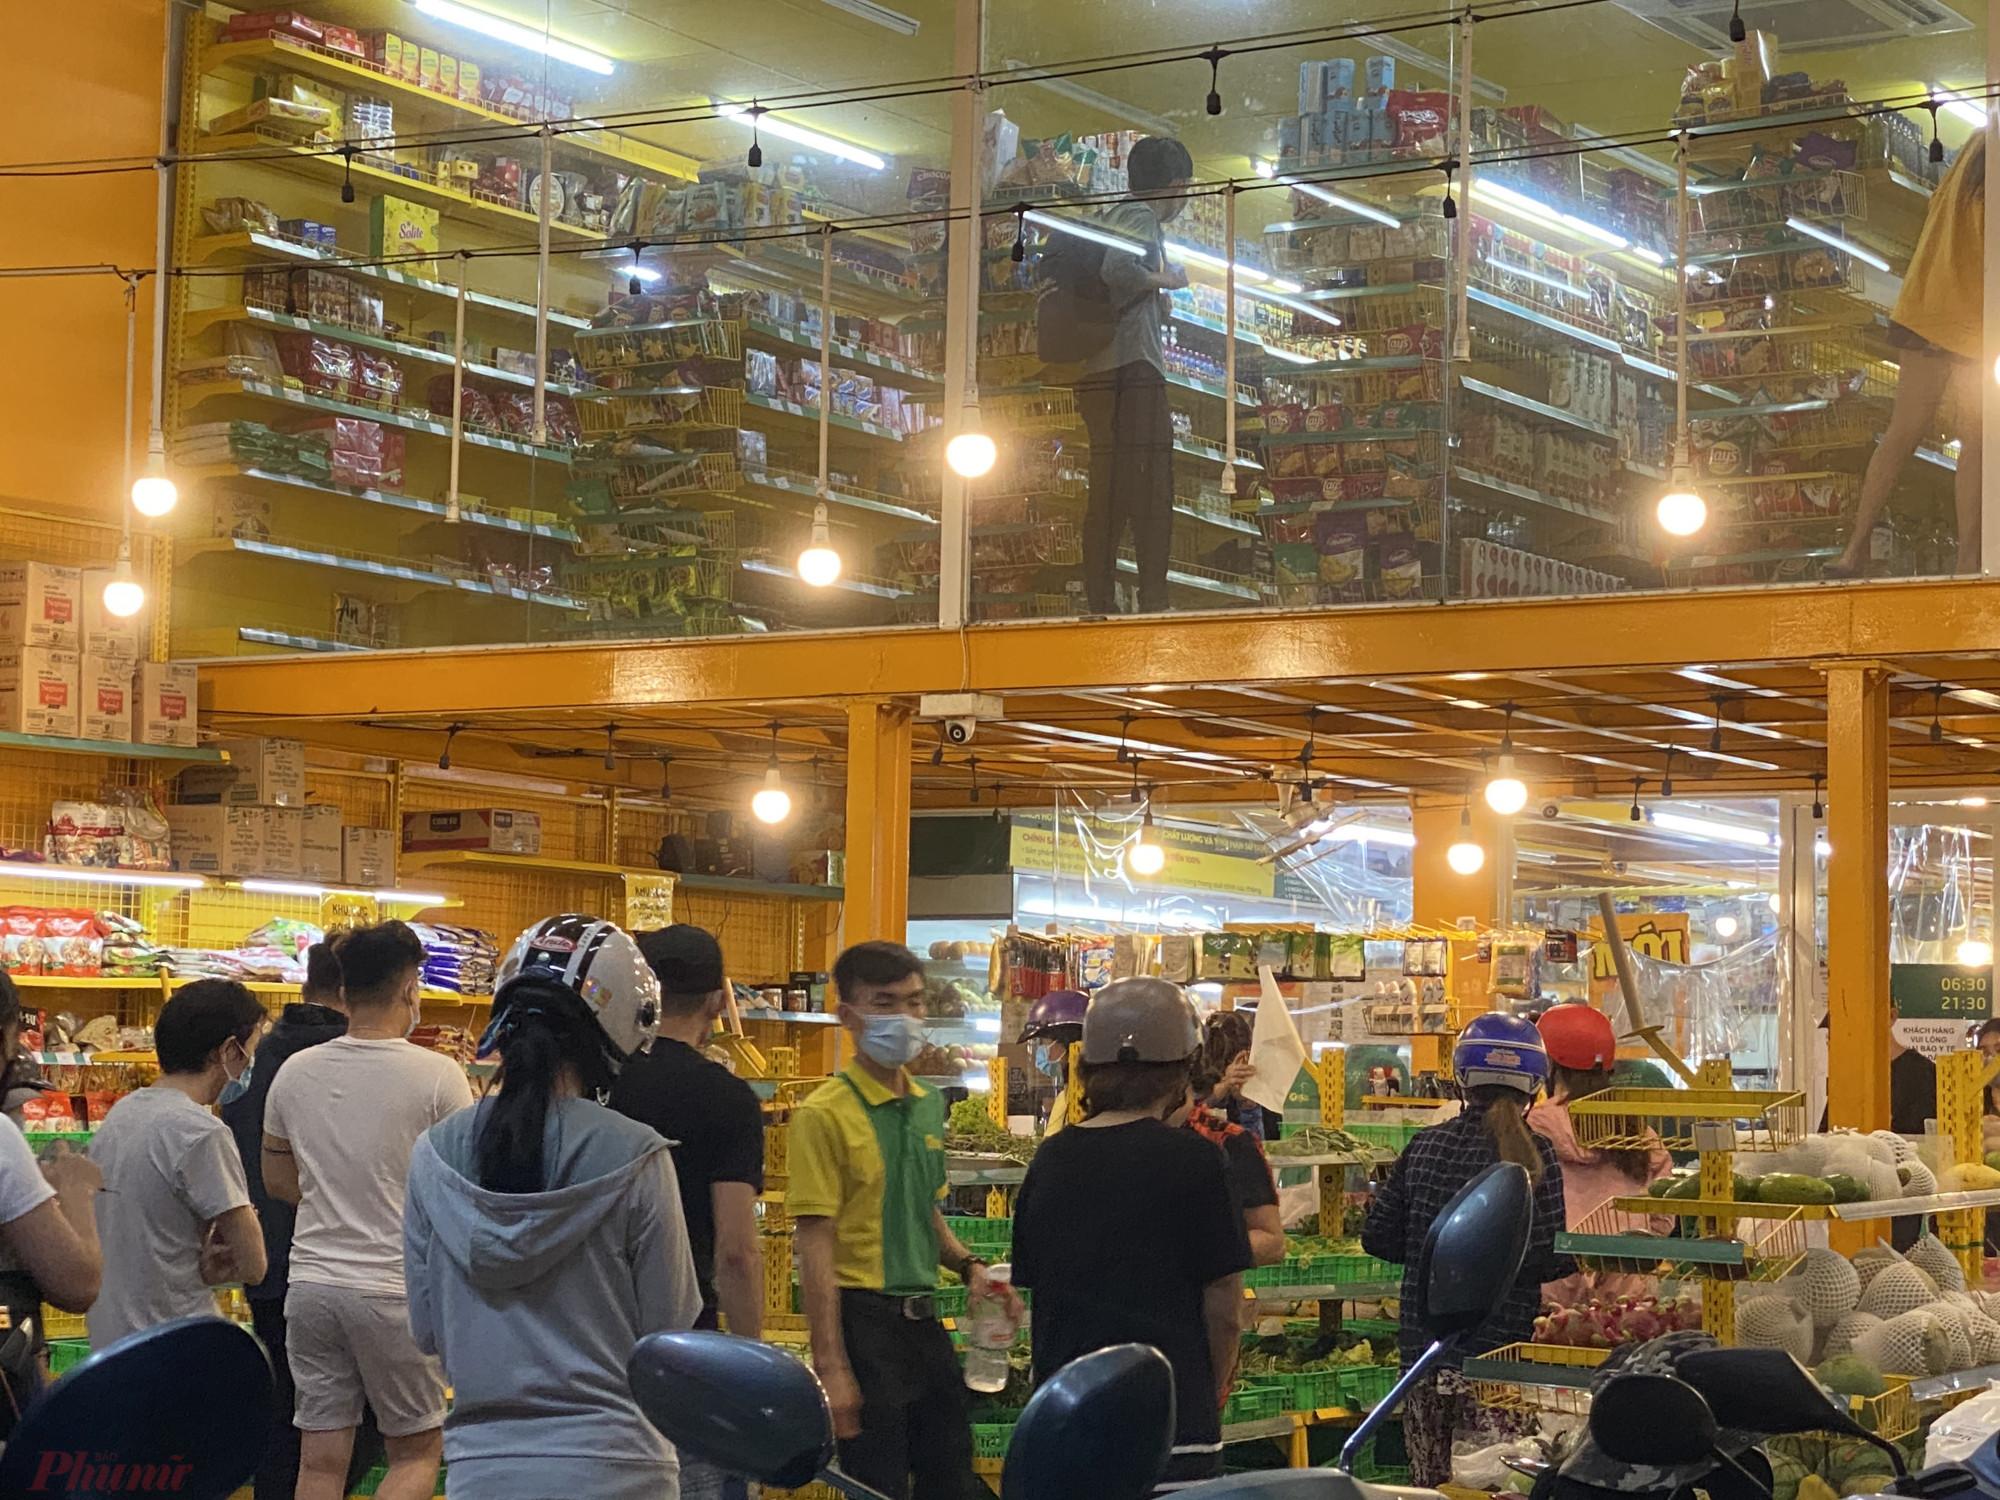 Bách hoá Xanh trên đường Ung Văn Khiêm (quận Bình Thạnh, TPHCM) khách xếp hàng rất đông chờ mua. Ảnh: Quốc Thái